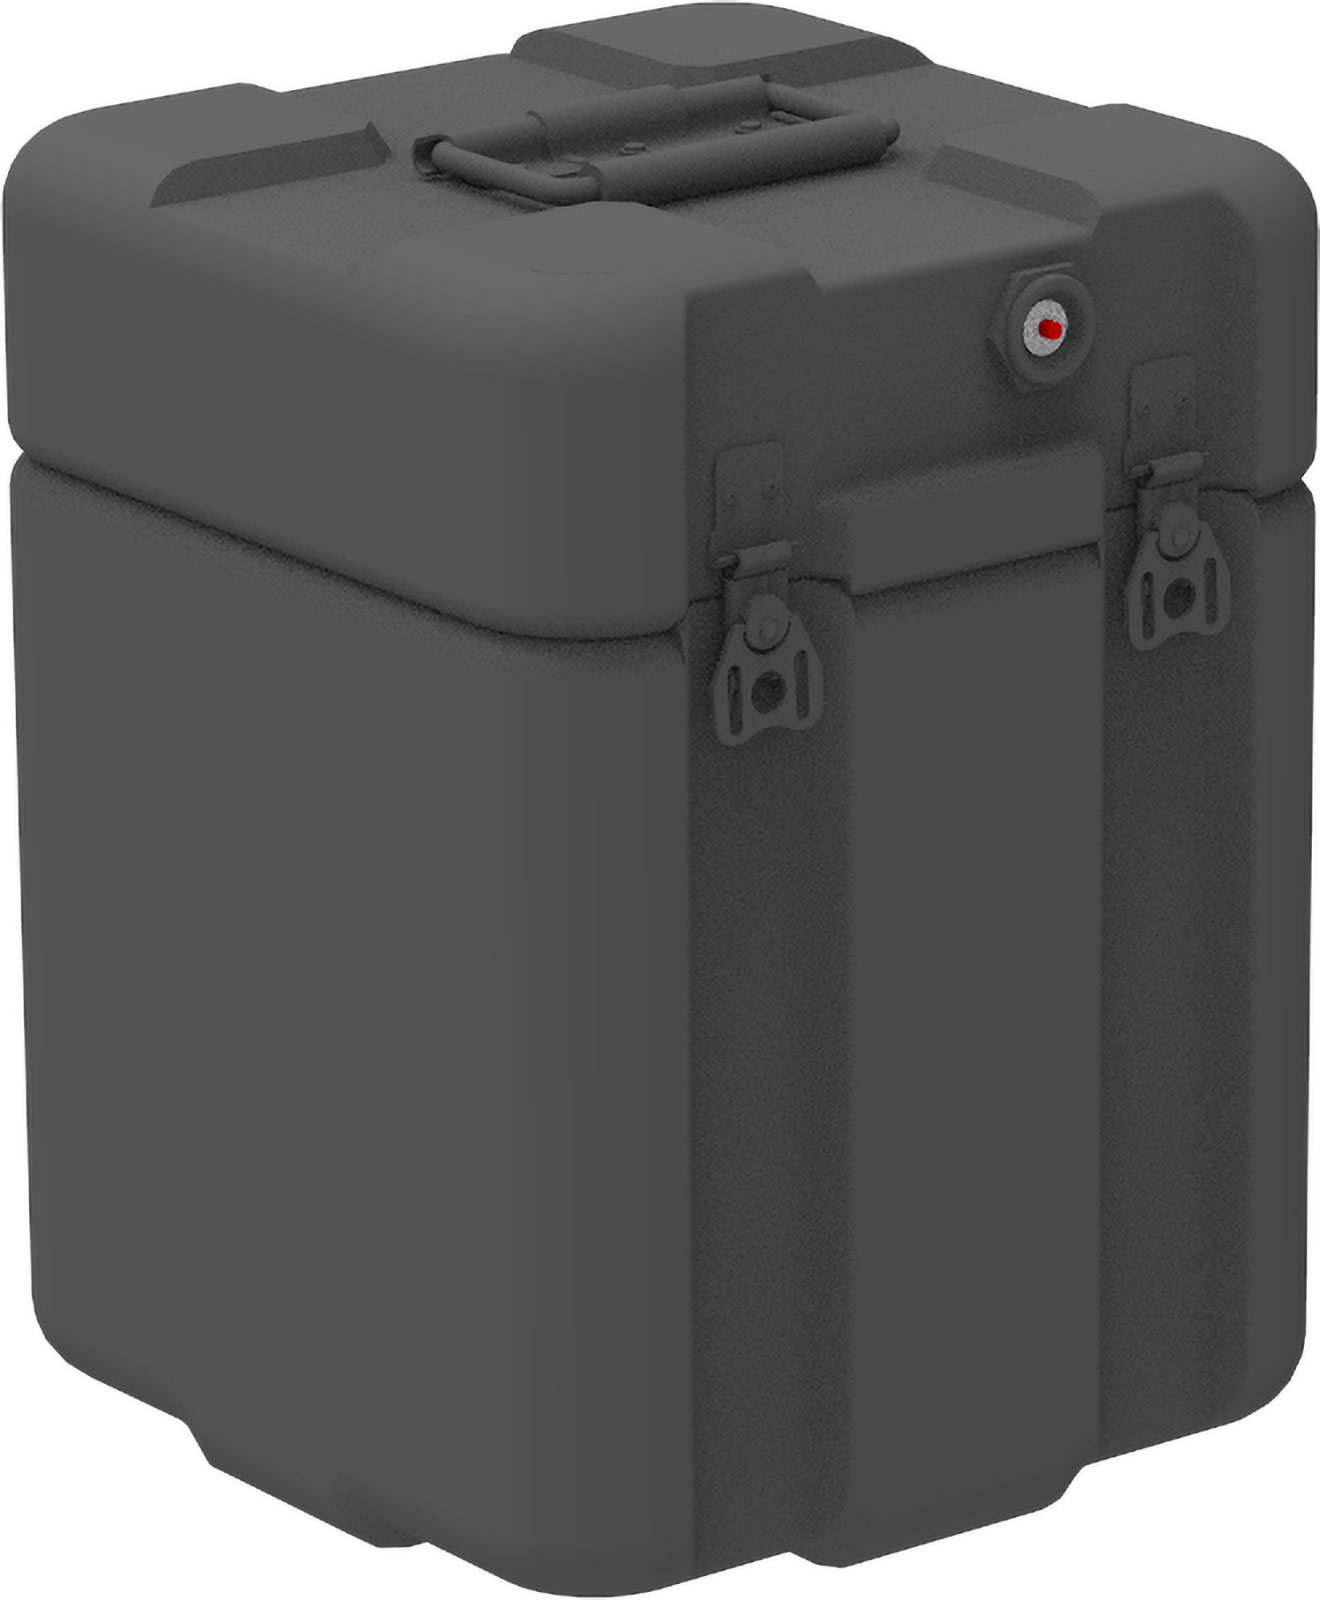 peli eu030030 3010 blk 032 shipping case